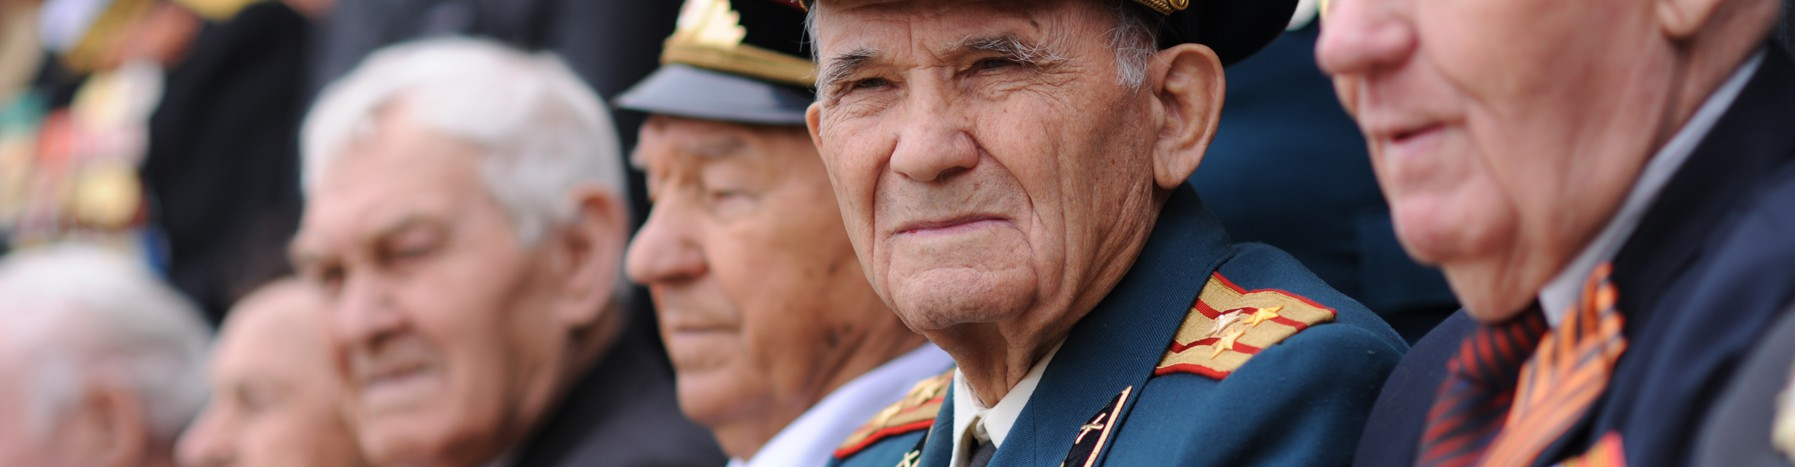 Ветеран военной службы